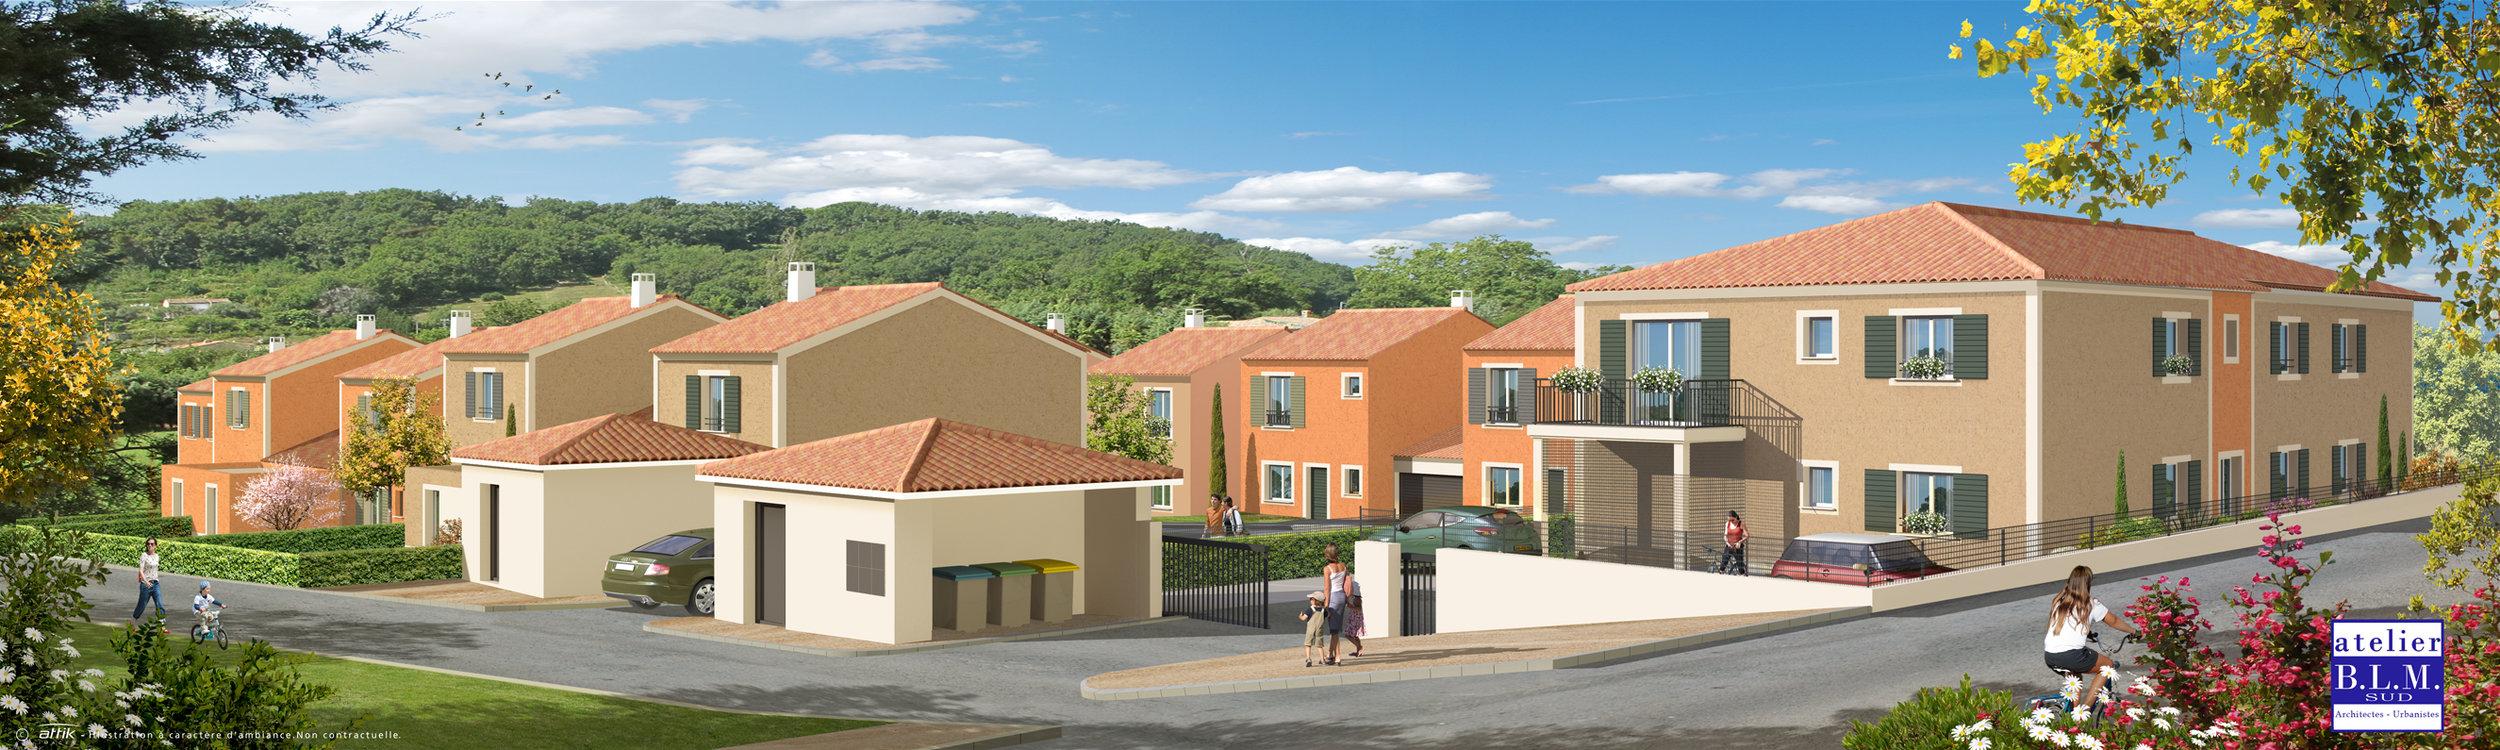 LES VILLAS DE CHÂTEAUNEUF - 26 logements